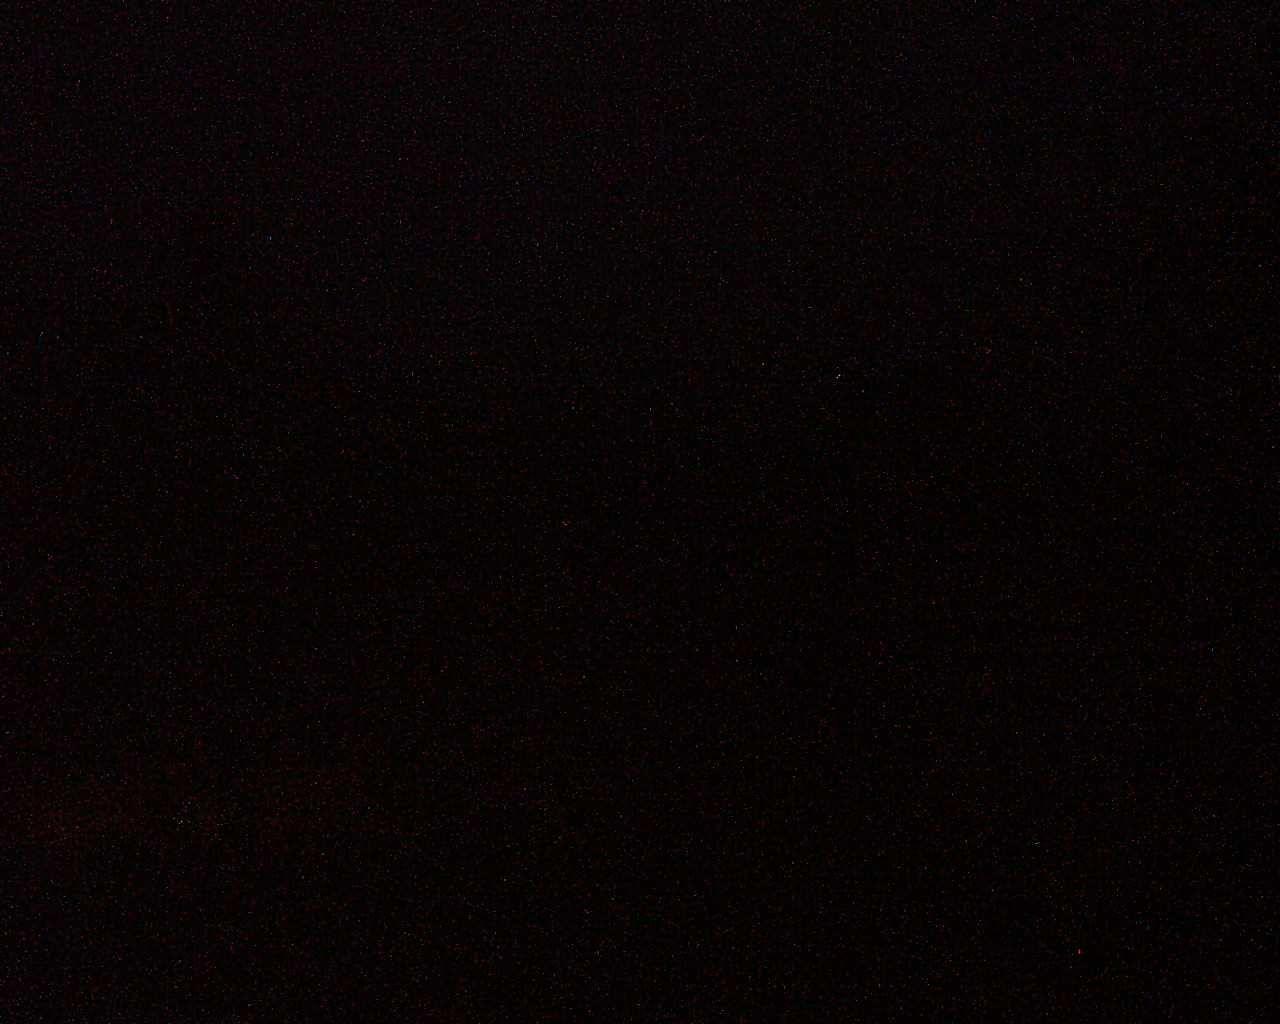 Le Day: Le mont d'or vu de Vallorbe